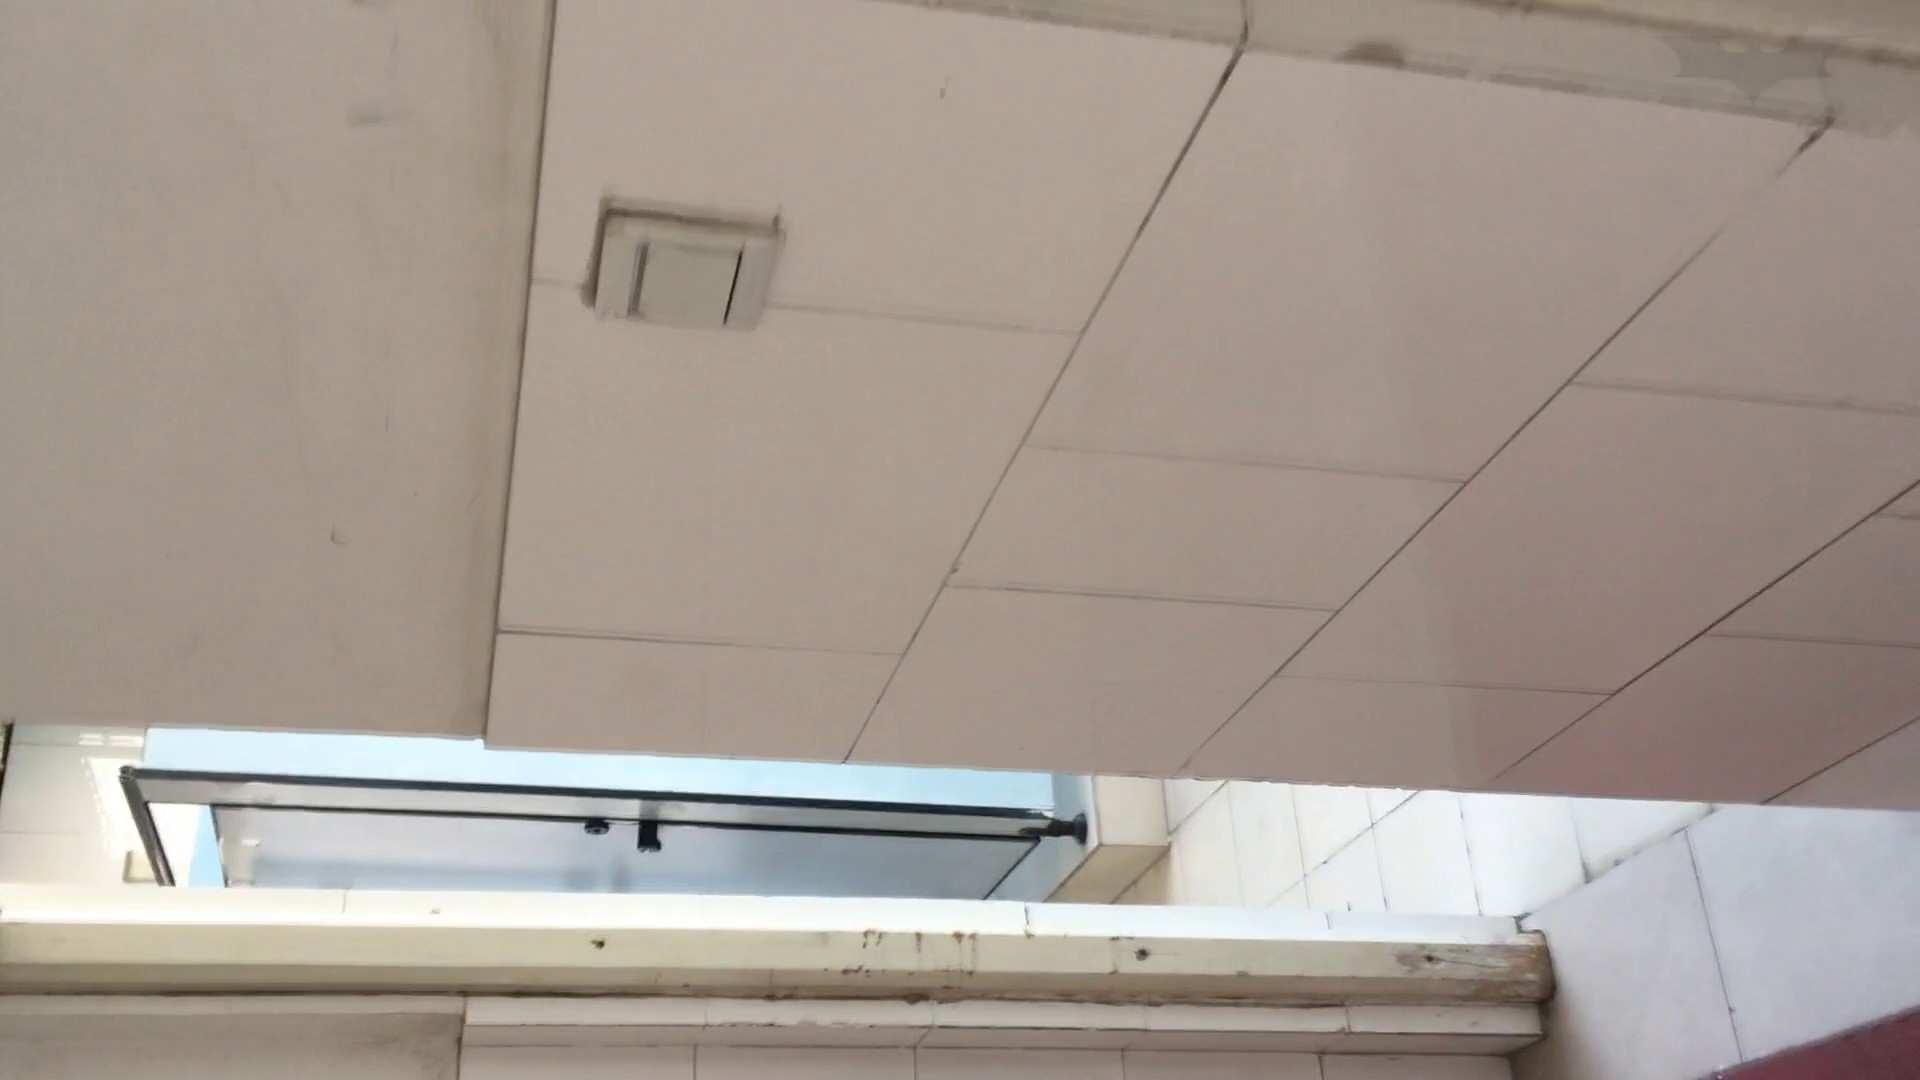 芸術大学ガチ潜入盗撮 JD盗撮 美女の洗面所の秘密 Vol.81 OLの実態 盗み撮りオマンコ動画キャプチャ 83pic 38